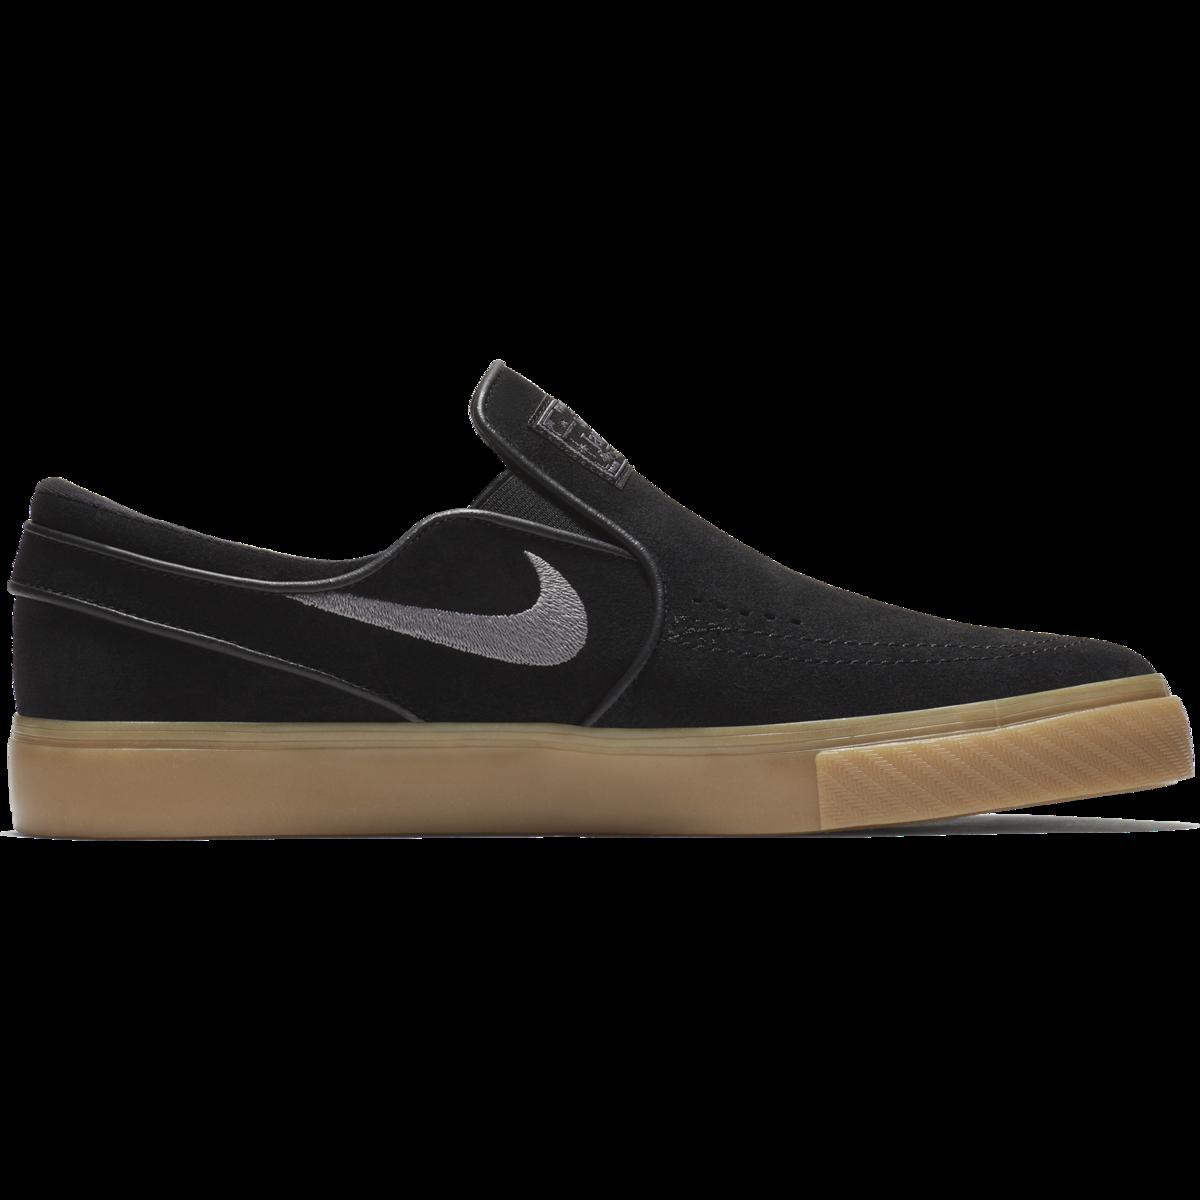 cbfeafc3c4c0 Nike SB Stefan Janoski Slip On - Black Gum Thumbnail